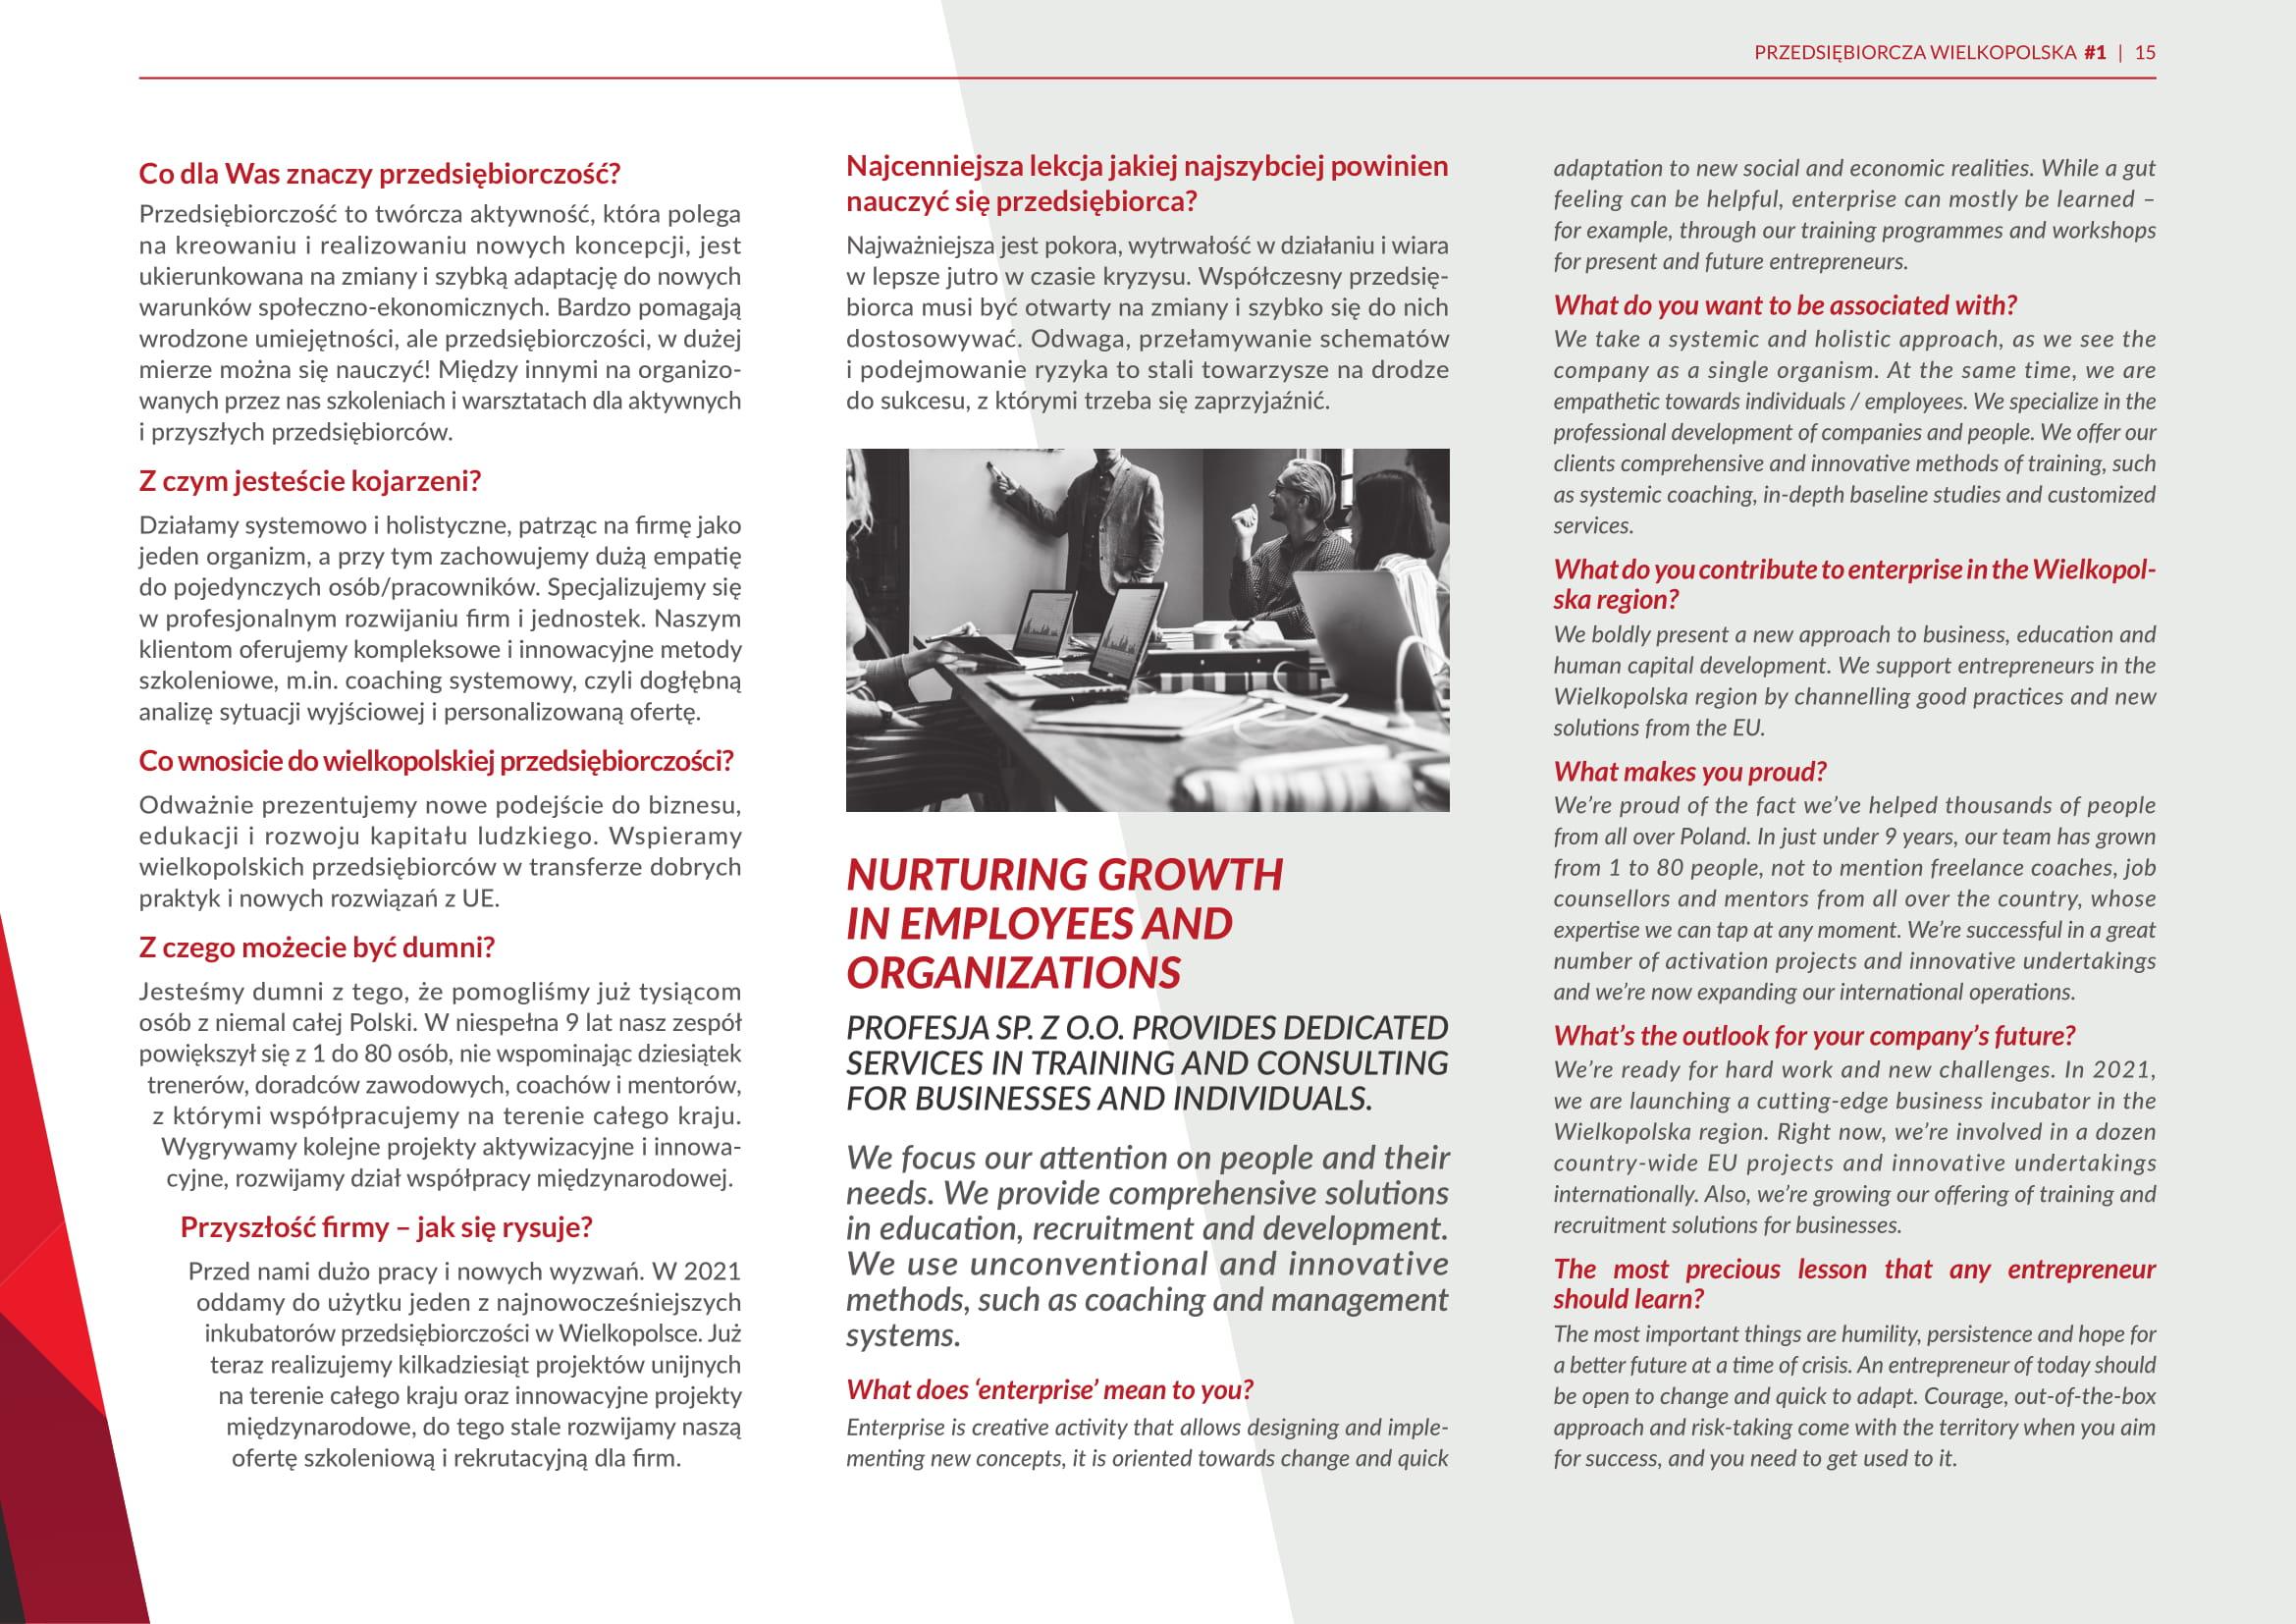 przedsiebiorcza wielkopolska innowacje rozwoj transfer dobrych praktyk